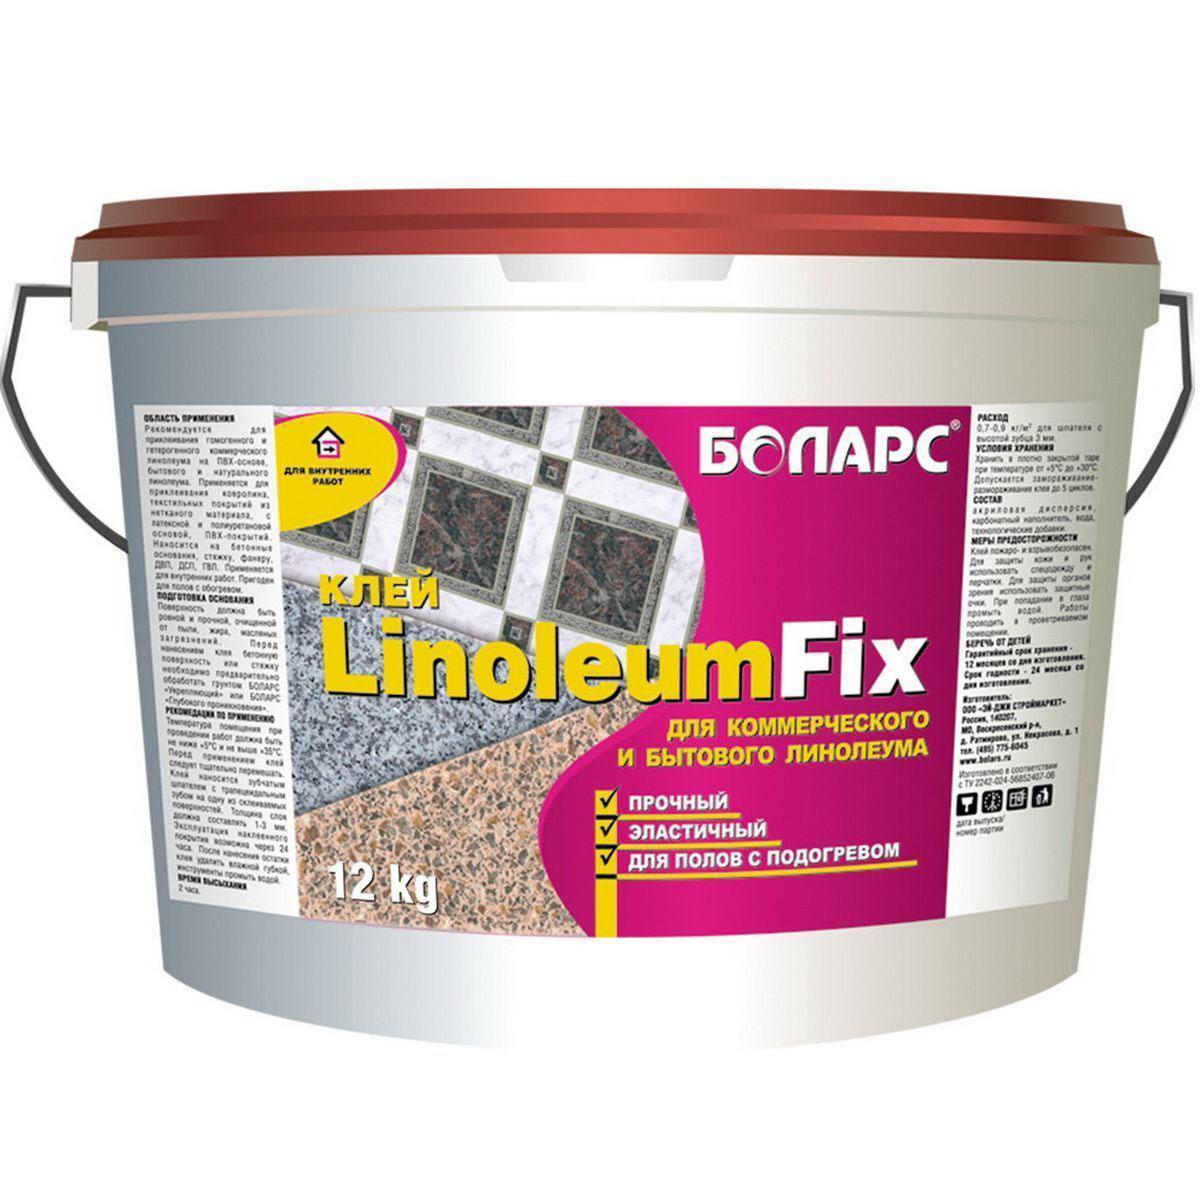 Клей Боларс Linoleumfix, 12 кг531-301Боларс Linoleumfix - универсальный клей для внутренних работ с широким диапазоном применения. Предназначен для приклеивания на впитывающие основания гомогенного и гетерогенного коммерческого линолиума на ПВХ-основе, бытового и натурального линолеума, текстильных покрытий на вспененной, ворсовой или тканой основе. Подходит для использования в системе теплый пол. Рекомендуется для бетонных оснований, цементных и гипсопесчаных стяжек, фанеры, ДВП, ДСП. Состав: акриловая дисперсия, вода, карбонатный наполнитель, технологические добавки.Цвет: светло-бежевый.Время укладки: 20 минут.Время просушки: 5-20 минут.Время высыхания: 48 часов.pH: 8,0-9,0.Расход: 0,4-0,5 кг/м2.Адгезия: не менее 0,6 МПа.Морозостойкость при транспортировке: 5 циклов.Температура проведения работ: 6 +15°С +30°С.Температура эксплуатации: +5°С +60°С.Гарантийный срок хранения - 12 месяцев со дня изготовления, в оригинальной невскрытой упаковке изготовителя.Срок годности - 24 месяца со дня изготовления, в оригинальной невскрытой упаковке изготовителя.